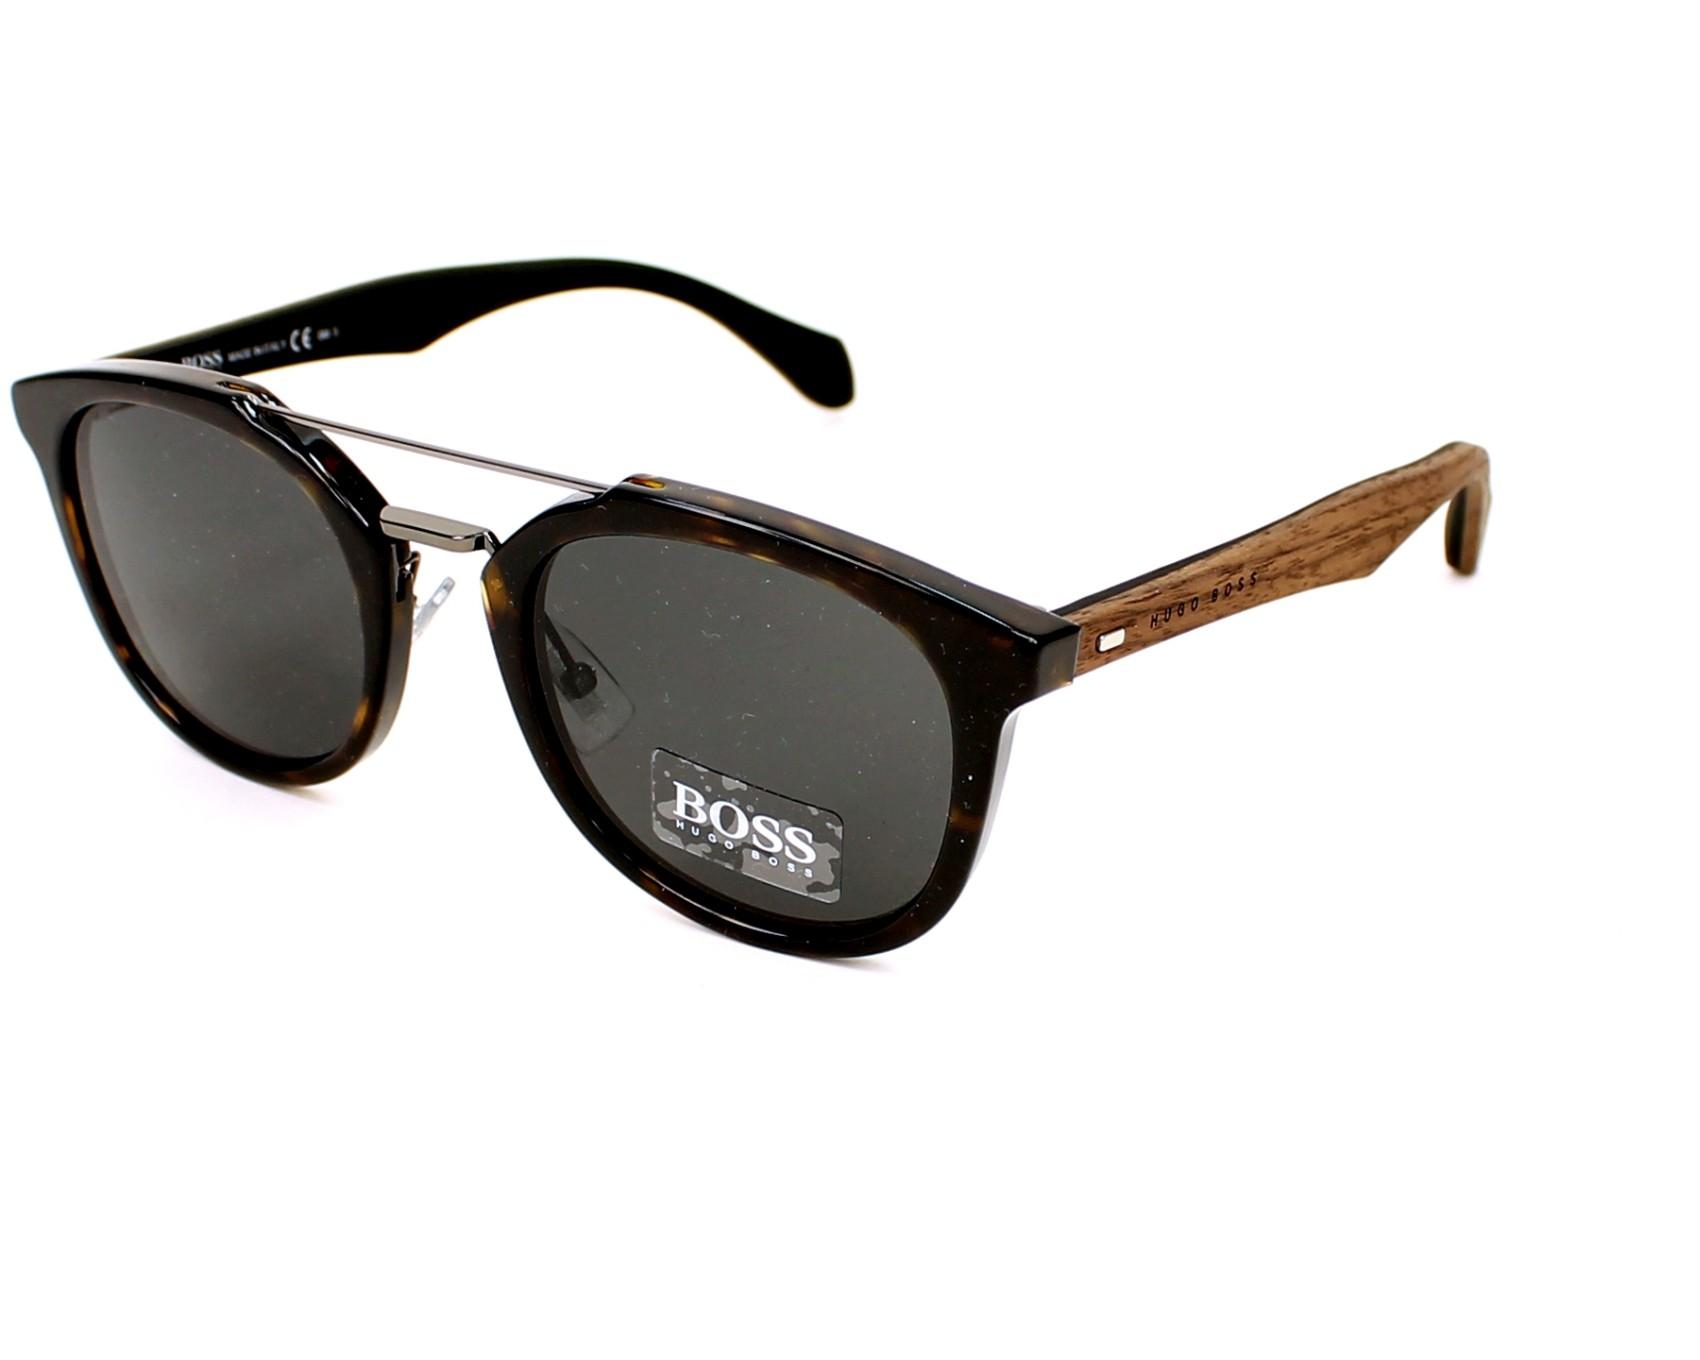 dfa46b11b3 Gafas de sol Hugo Boss BOSS-0777-S RAH/Y1 51-23